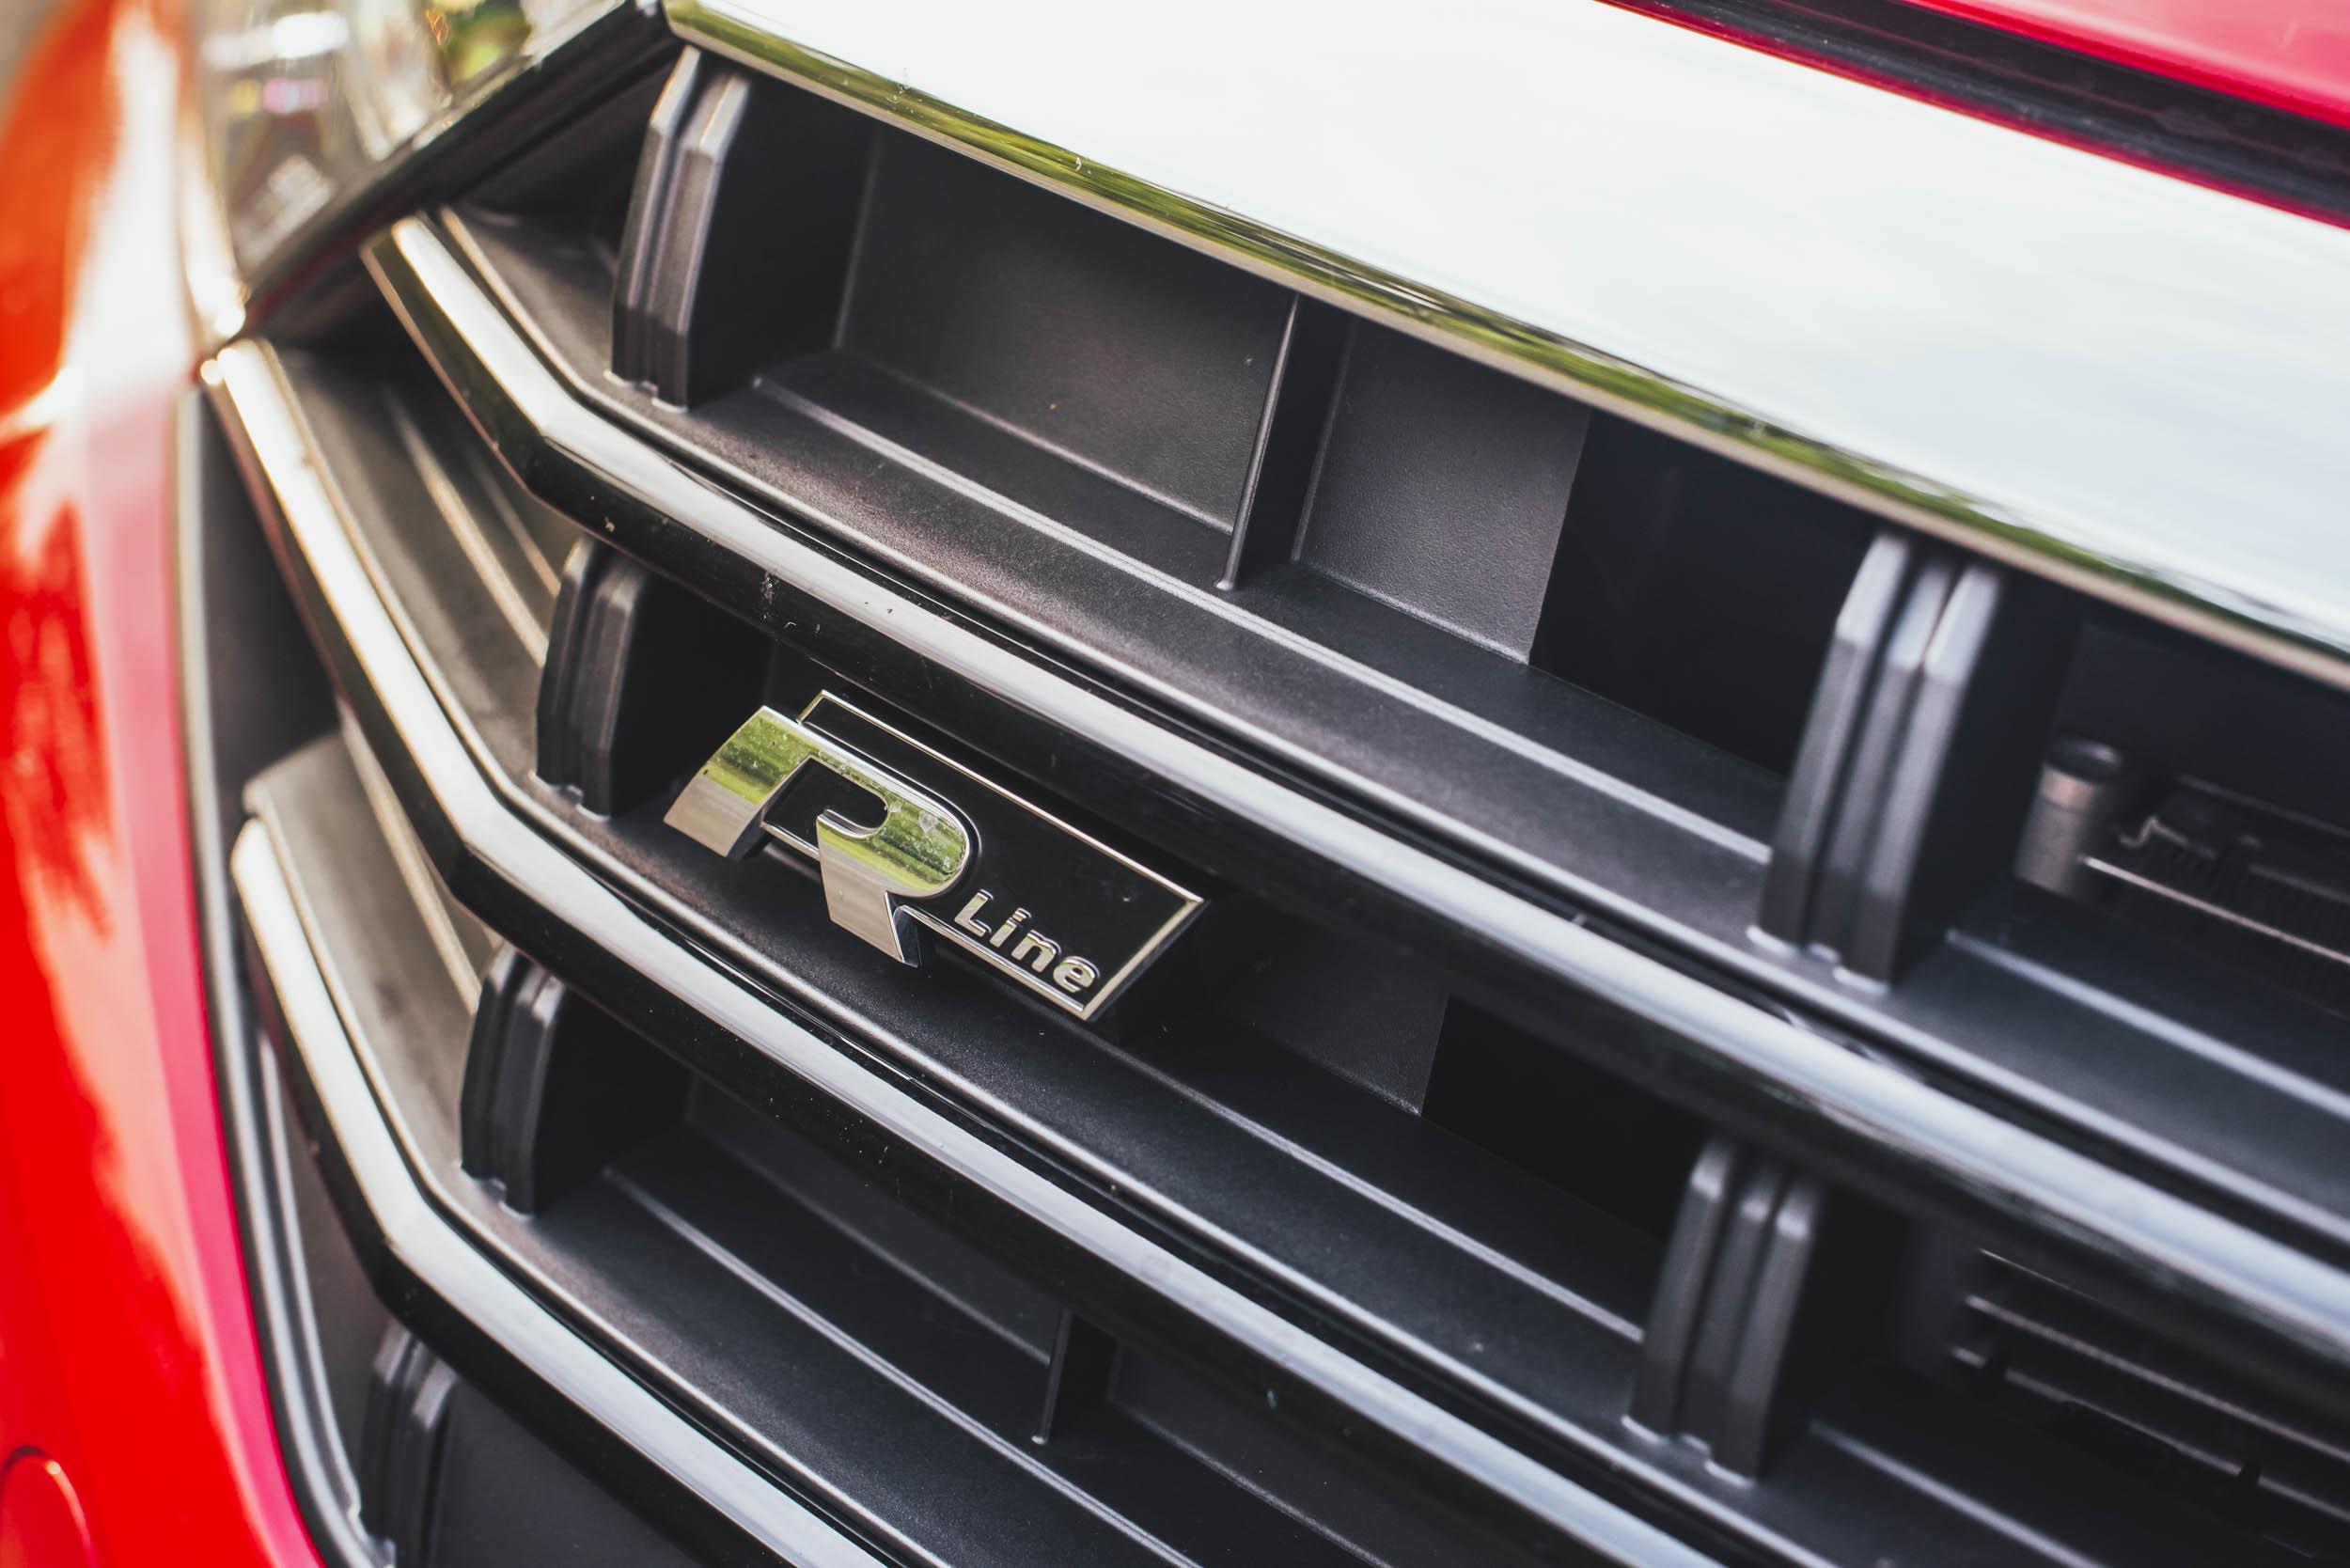 r-line plaque on grille of volkswagen jetta